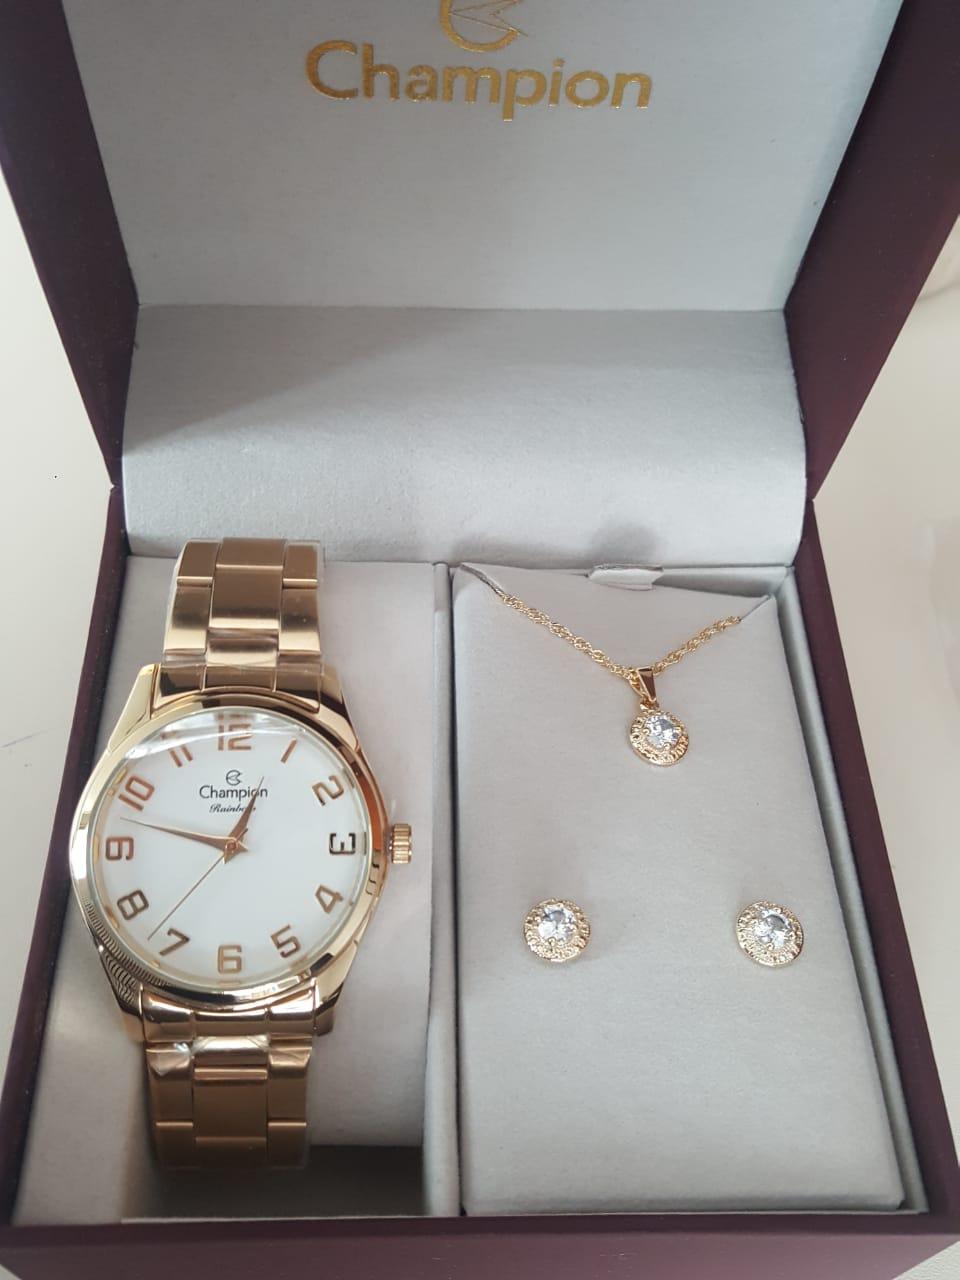 697c4bd4cd5 Relógio Feminino Champion Dourado CN29883J - DR JOIAS